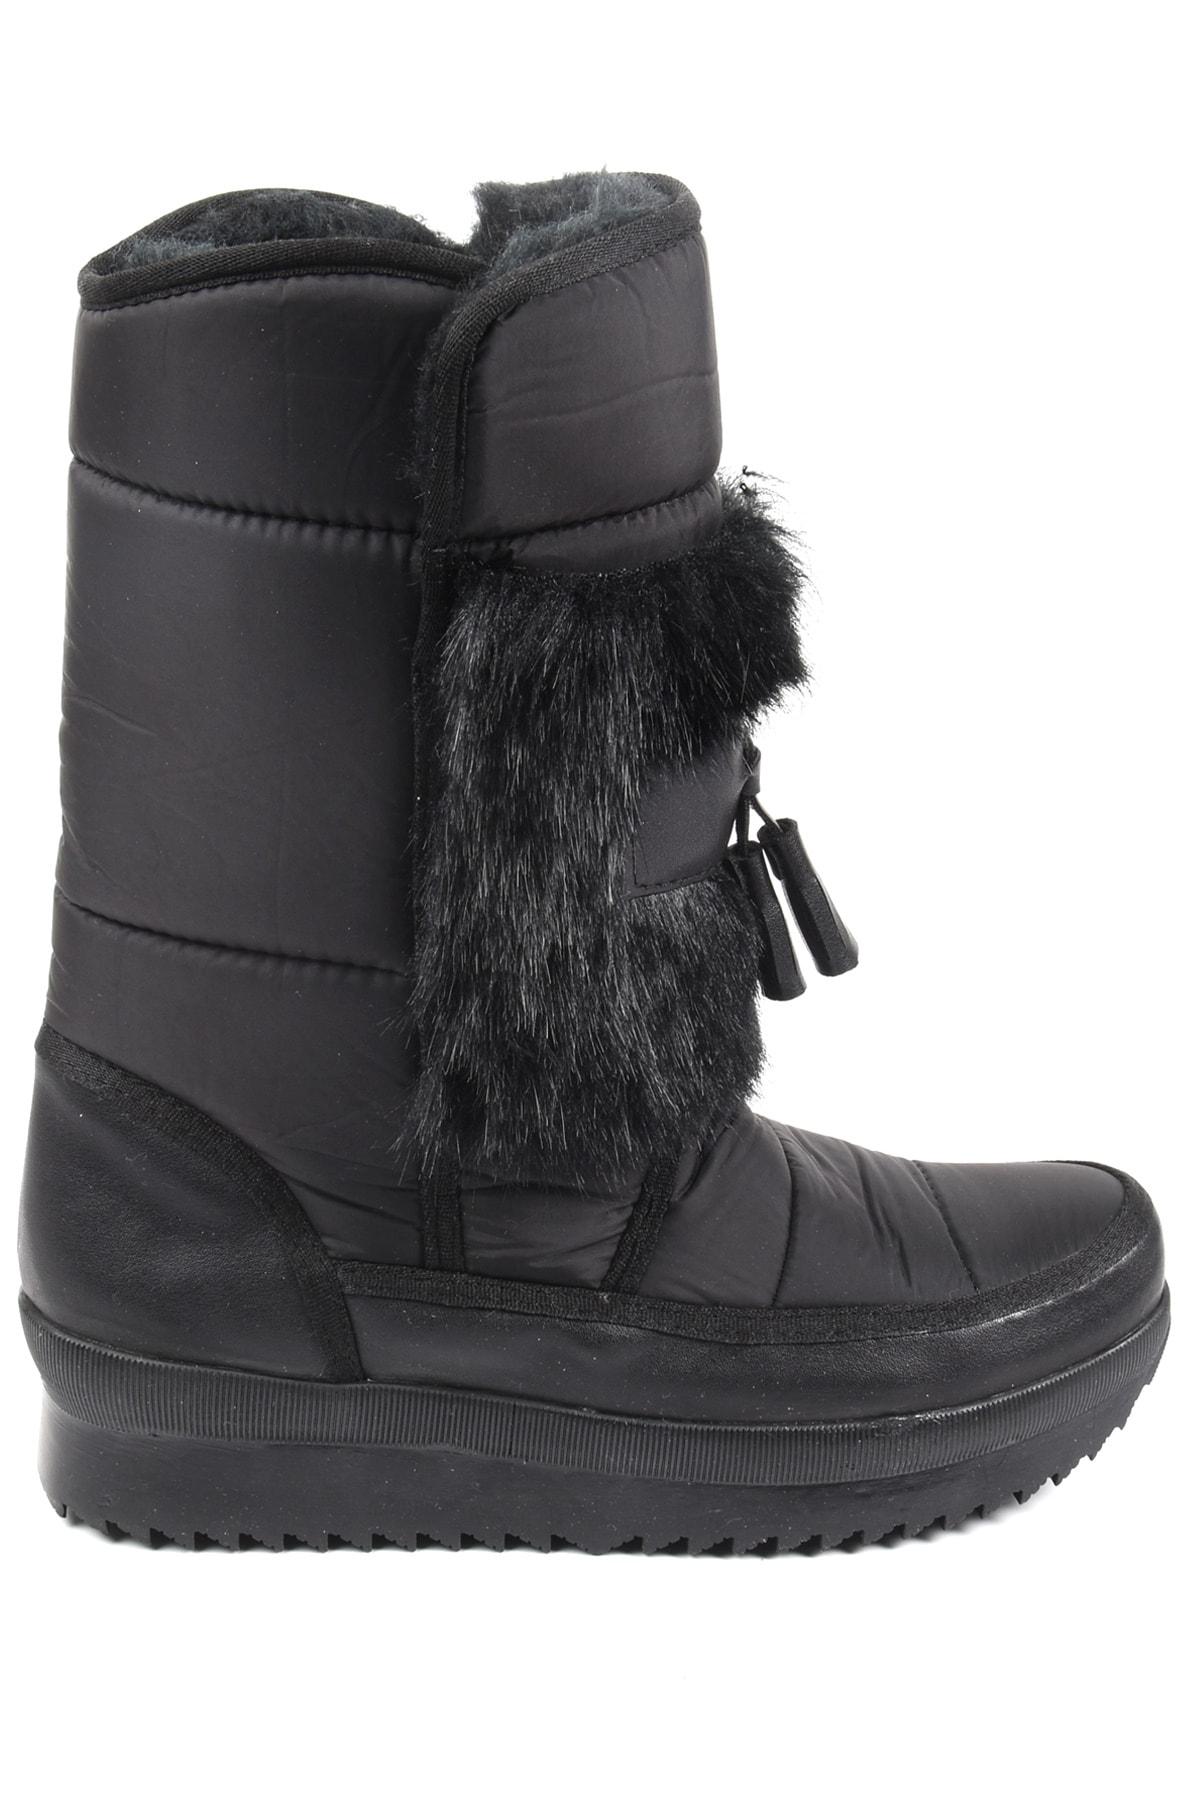 Sapin Kadın Siyah Suni Kürklü Kar Botu 37039 2